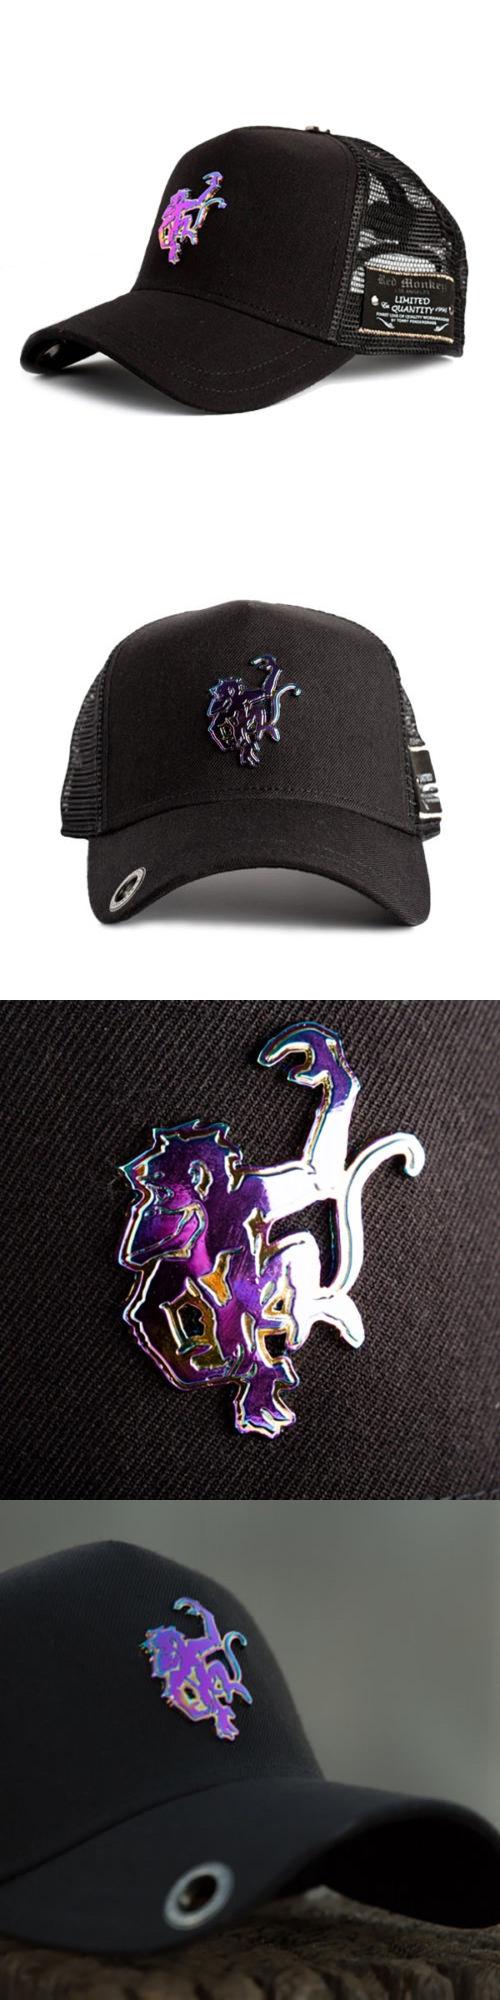 75d93ae866f Hats red monkey neo logo trucker cap hat black buy it now only on ebay jpg